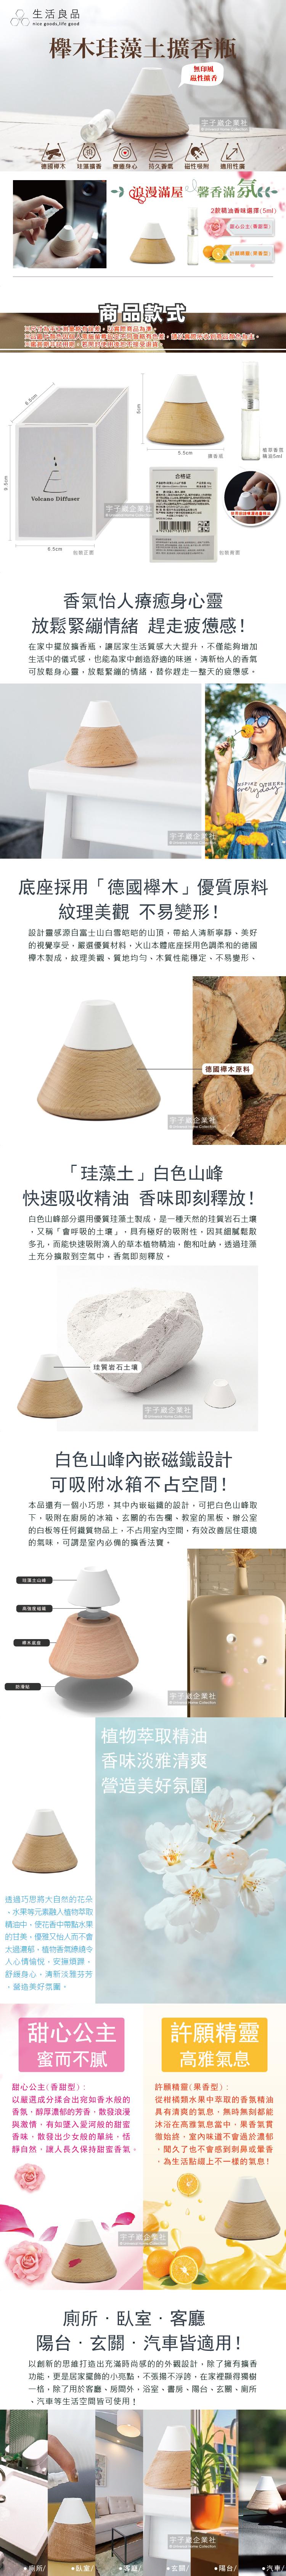 珪藻土擴香瓶介紹圖